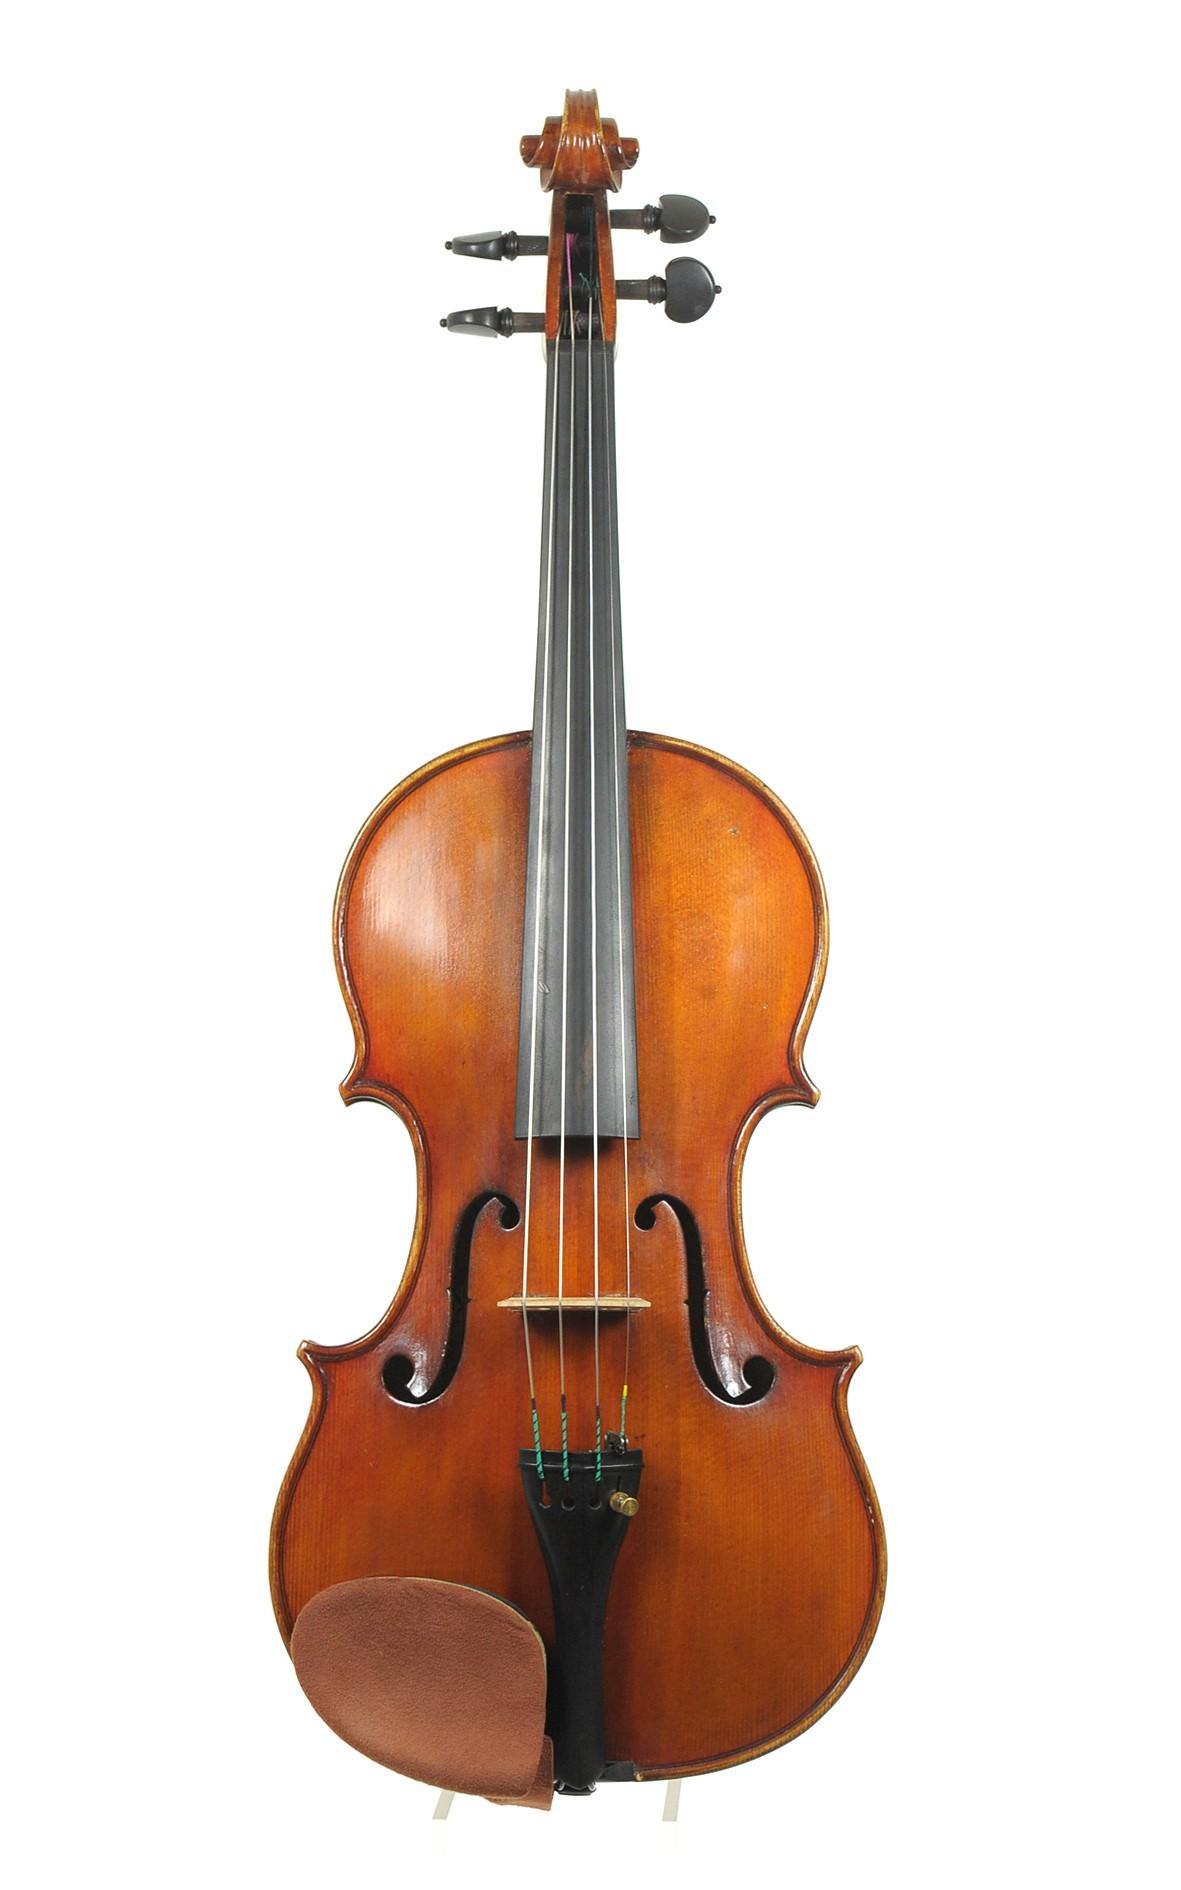 Fine Italian violin by Giuseppe Pedrazzini